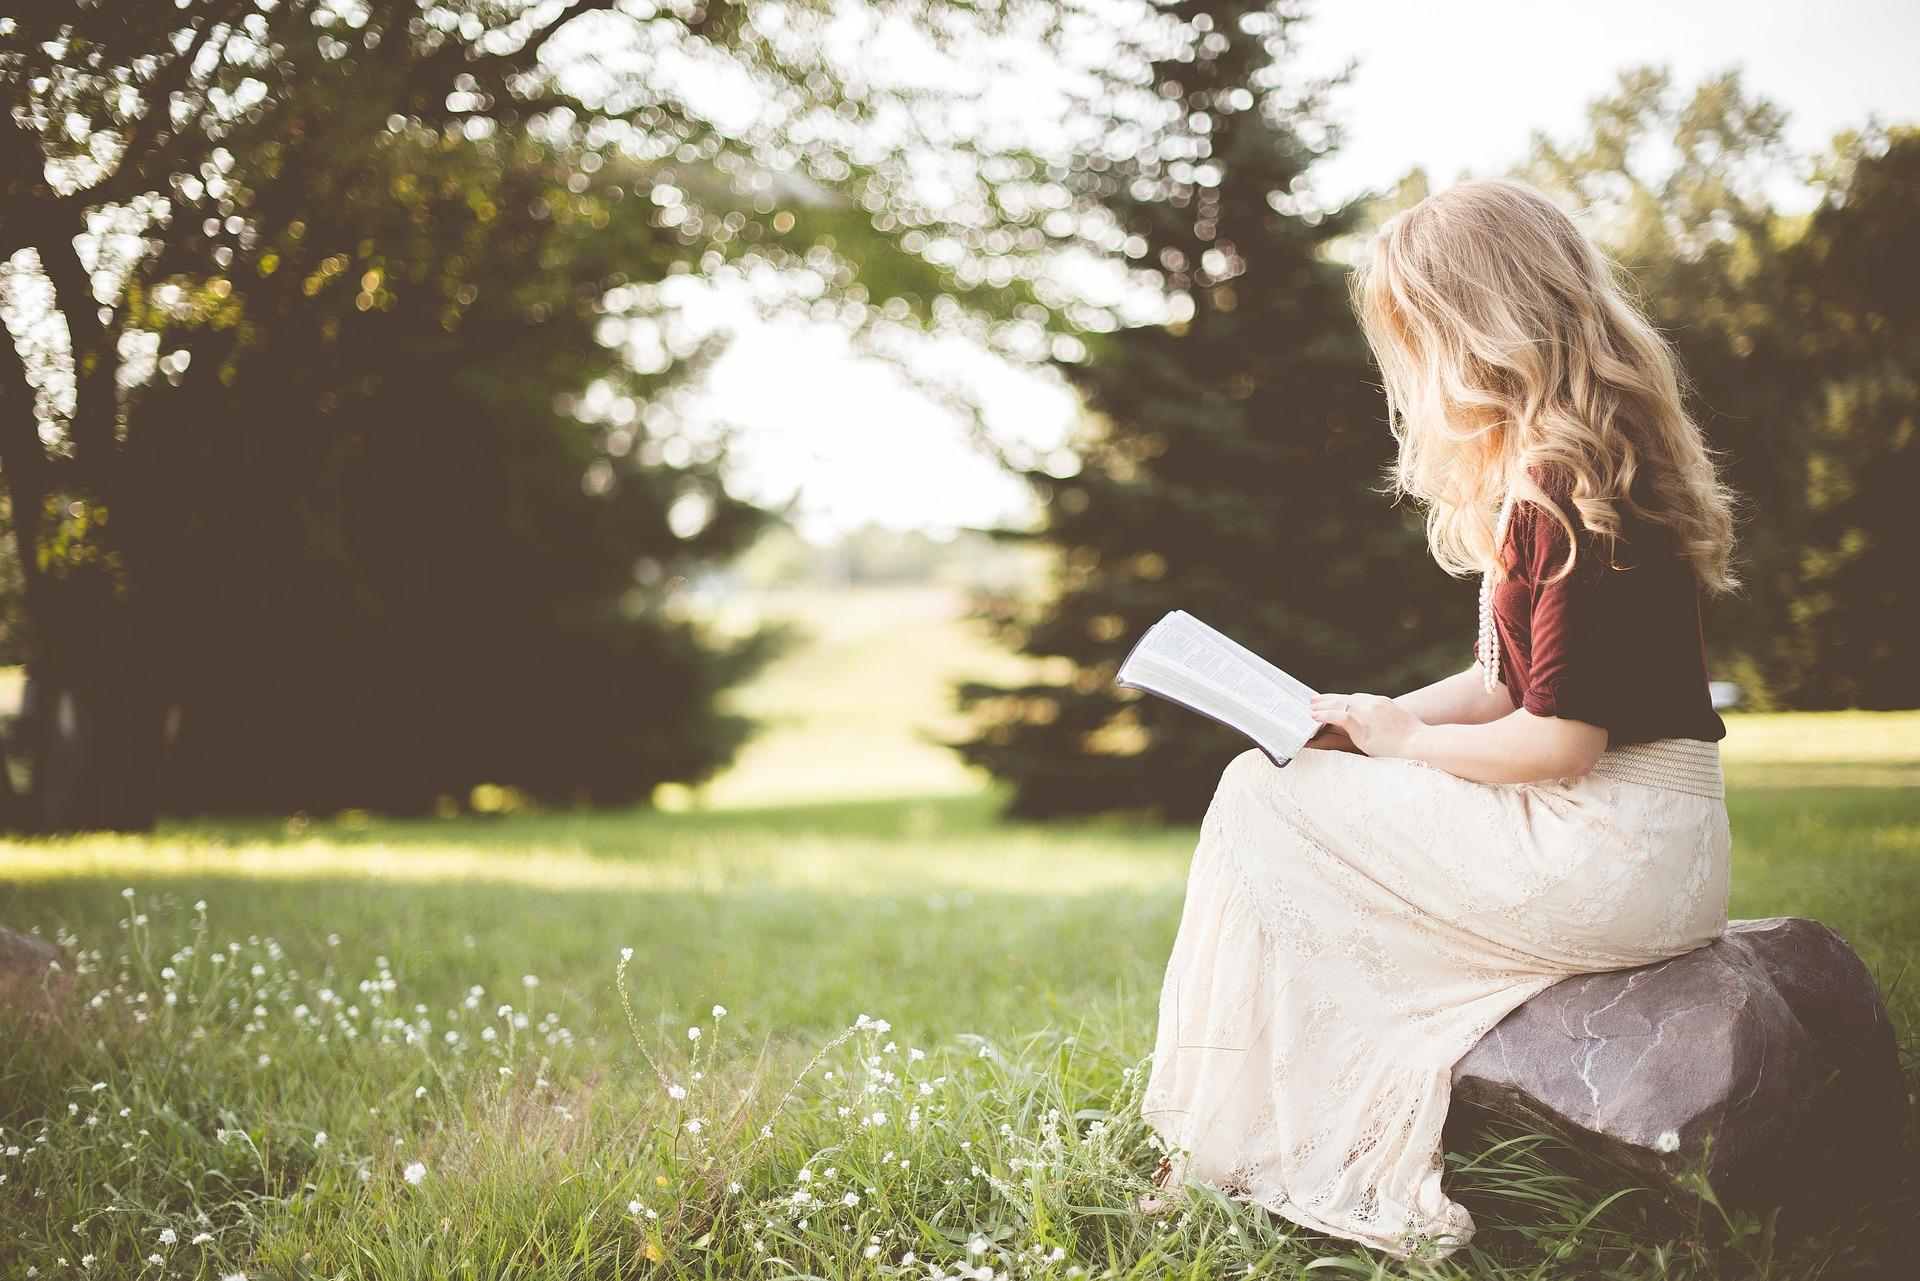 LA PATIENCE POUR LA LECTURE DE LA BIBLE AFFECTÉE PAR LA TECHNOLOGIE ?